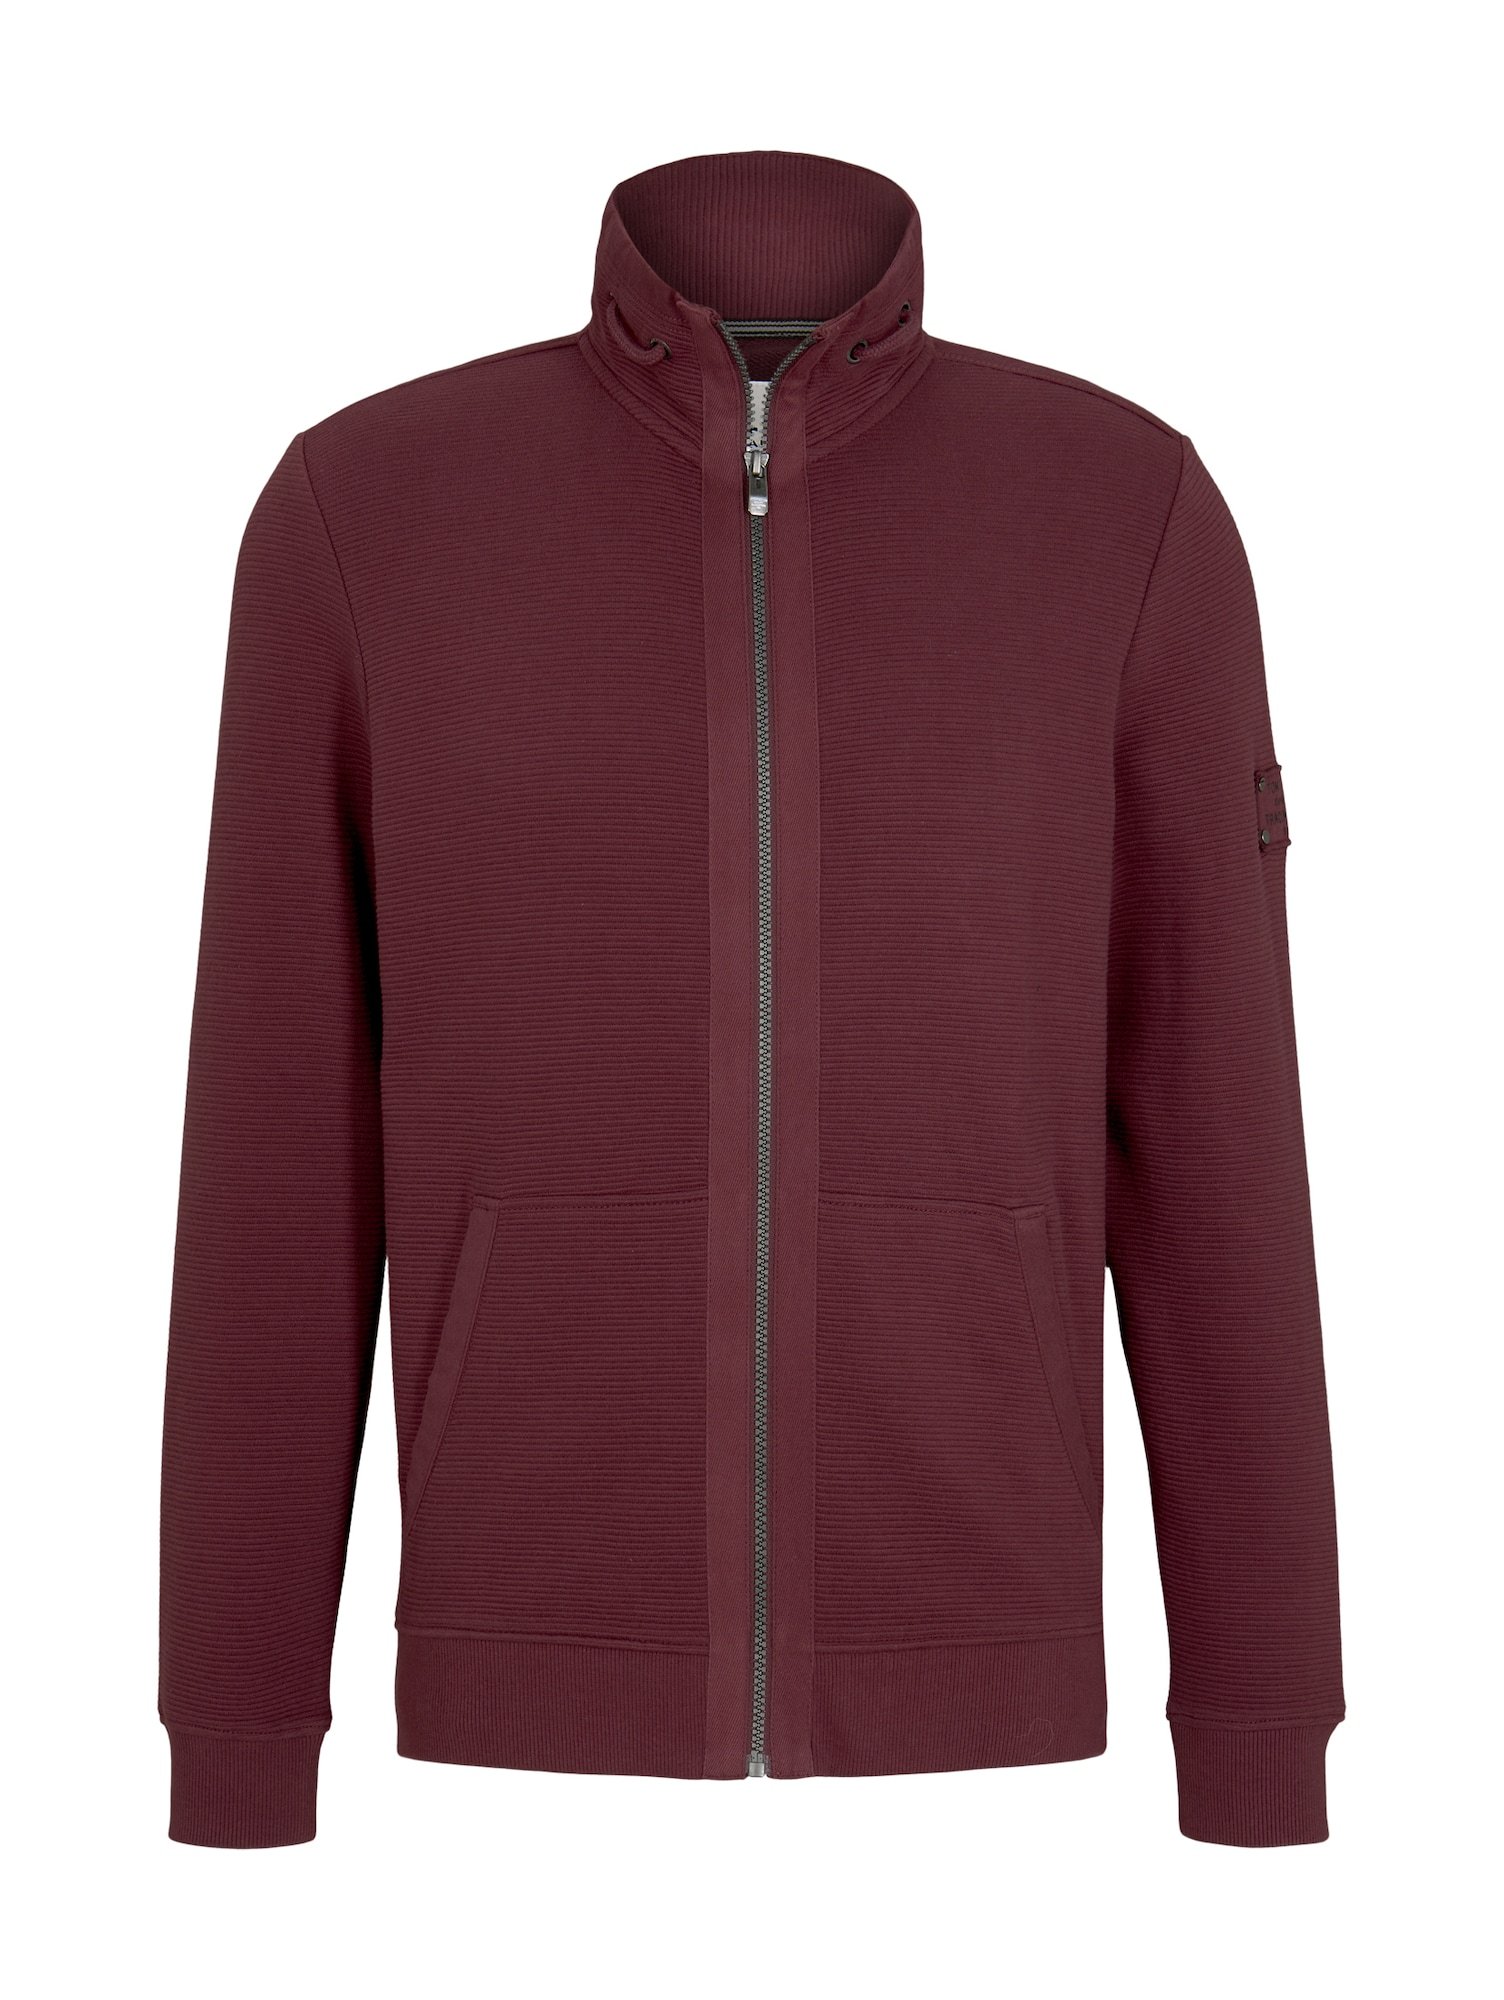 TOM TAILOR Džemperis tamsiai raudona